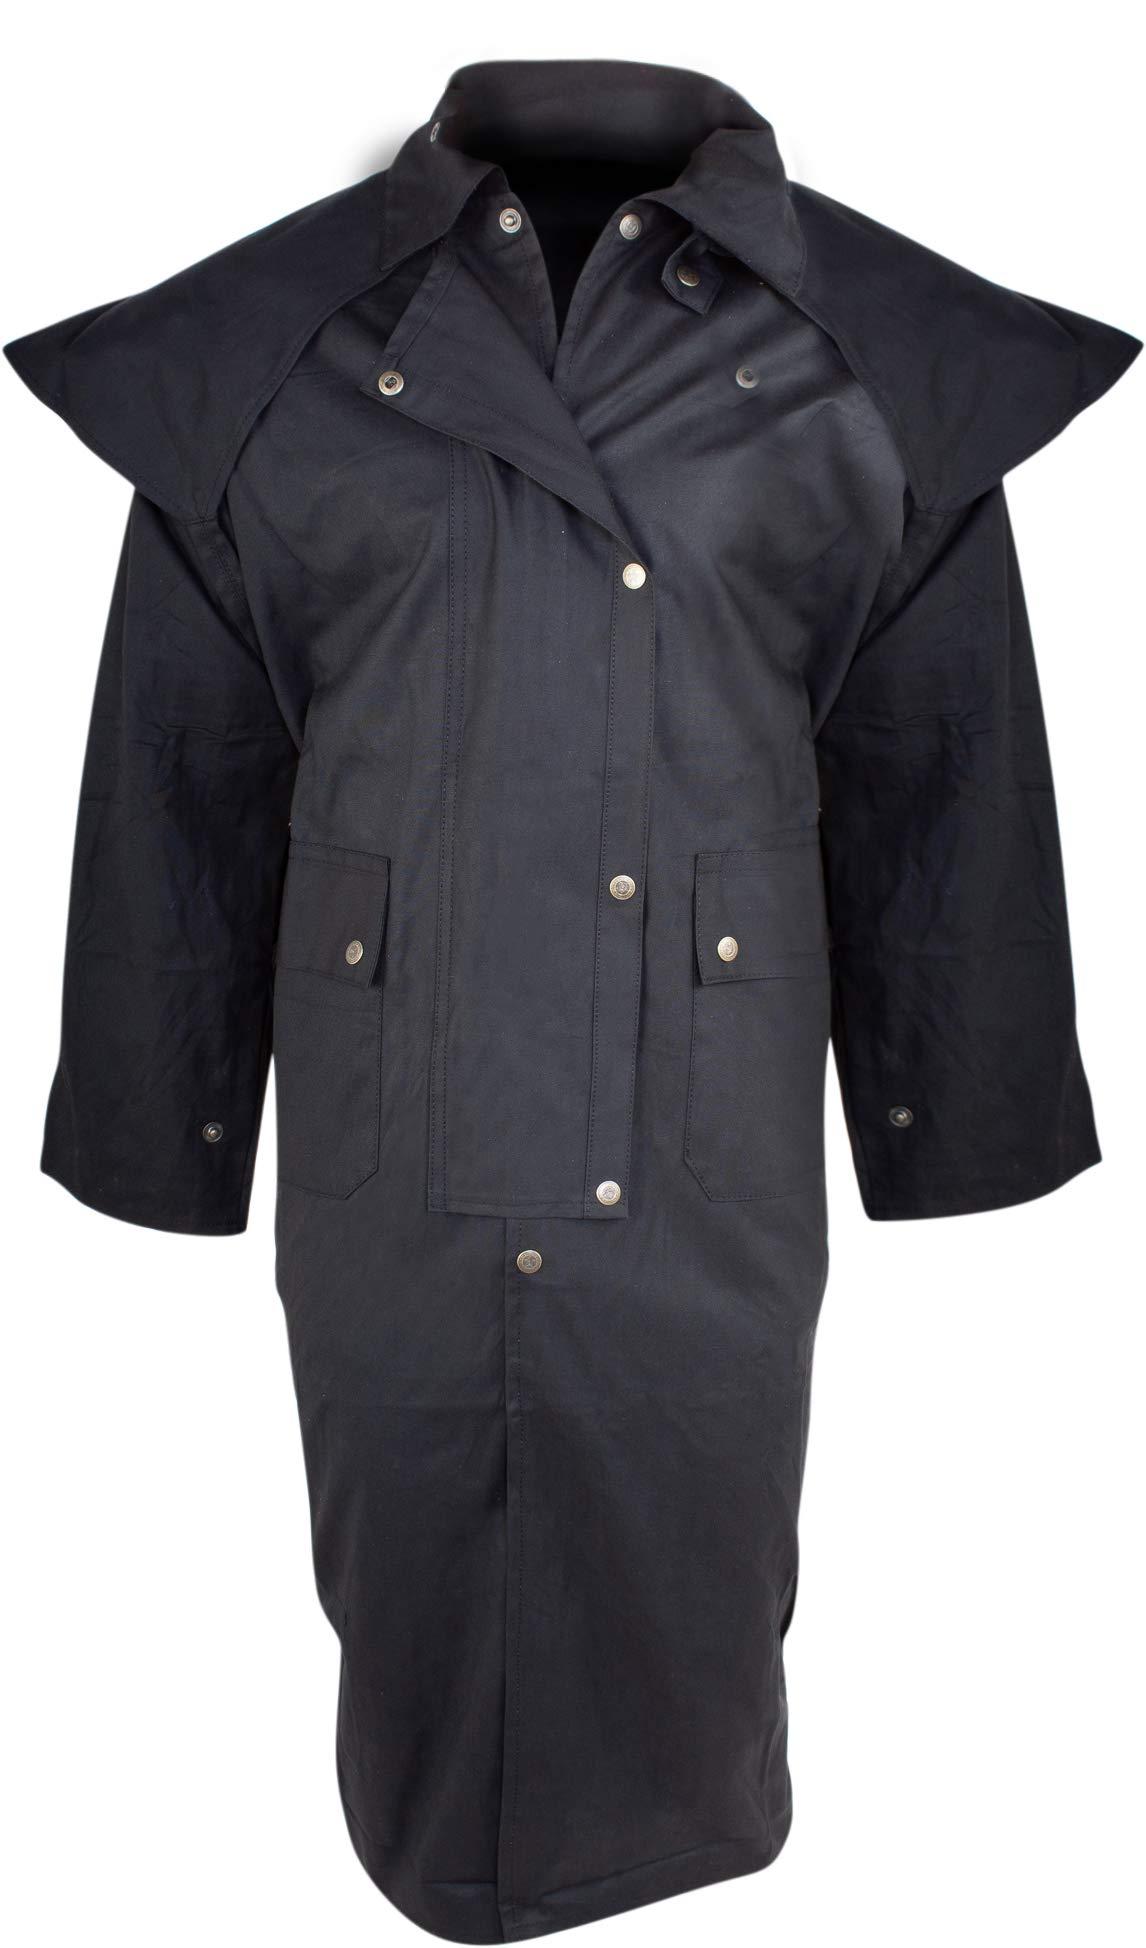 AceRugs Long Black Mens Oil Cloth Oilskin Western Australian Waterproof Duster Coat Jacket Heavy Duty Warm Tough